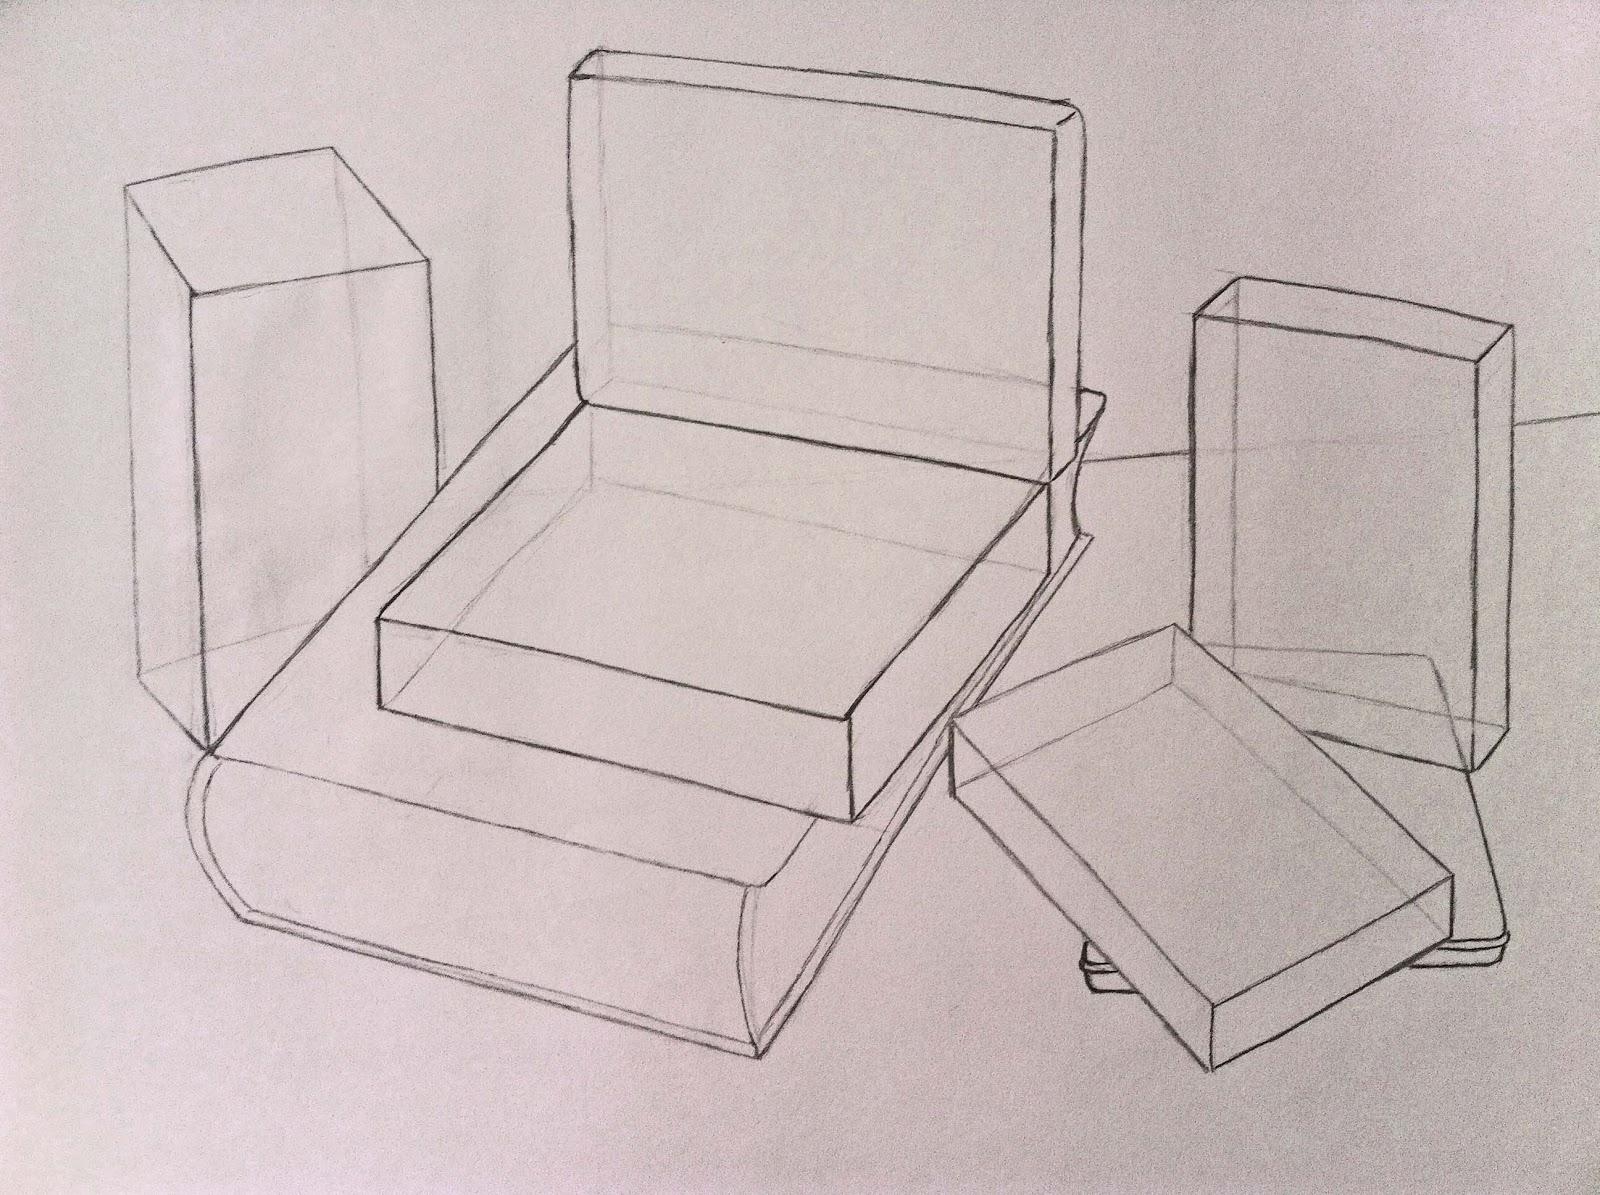 Basic Shapes And Fundamental Form